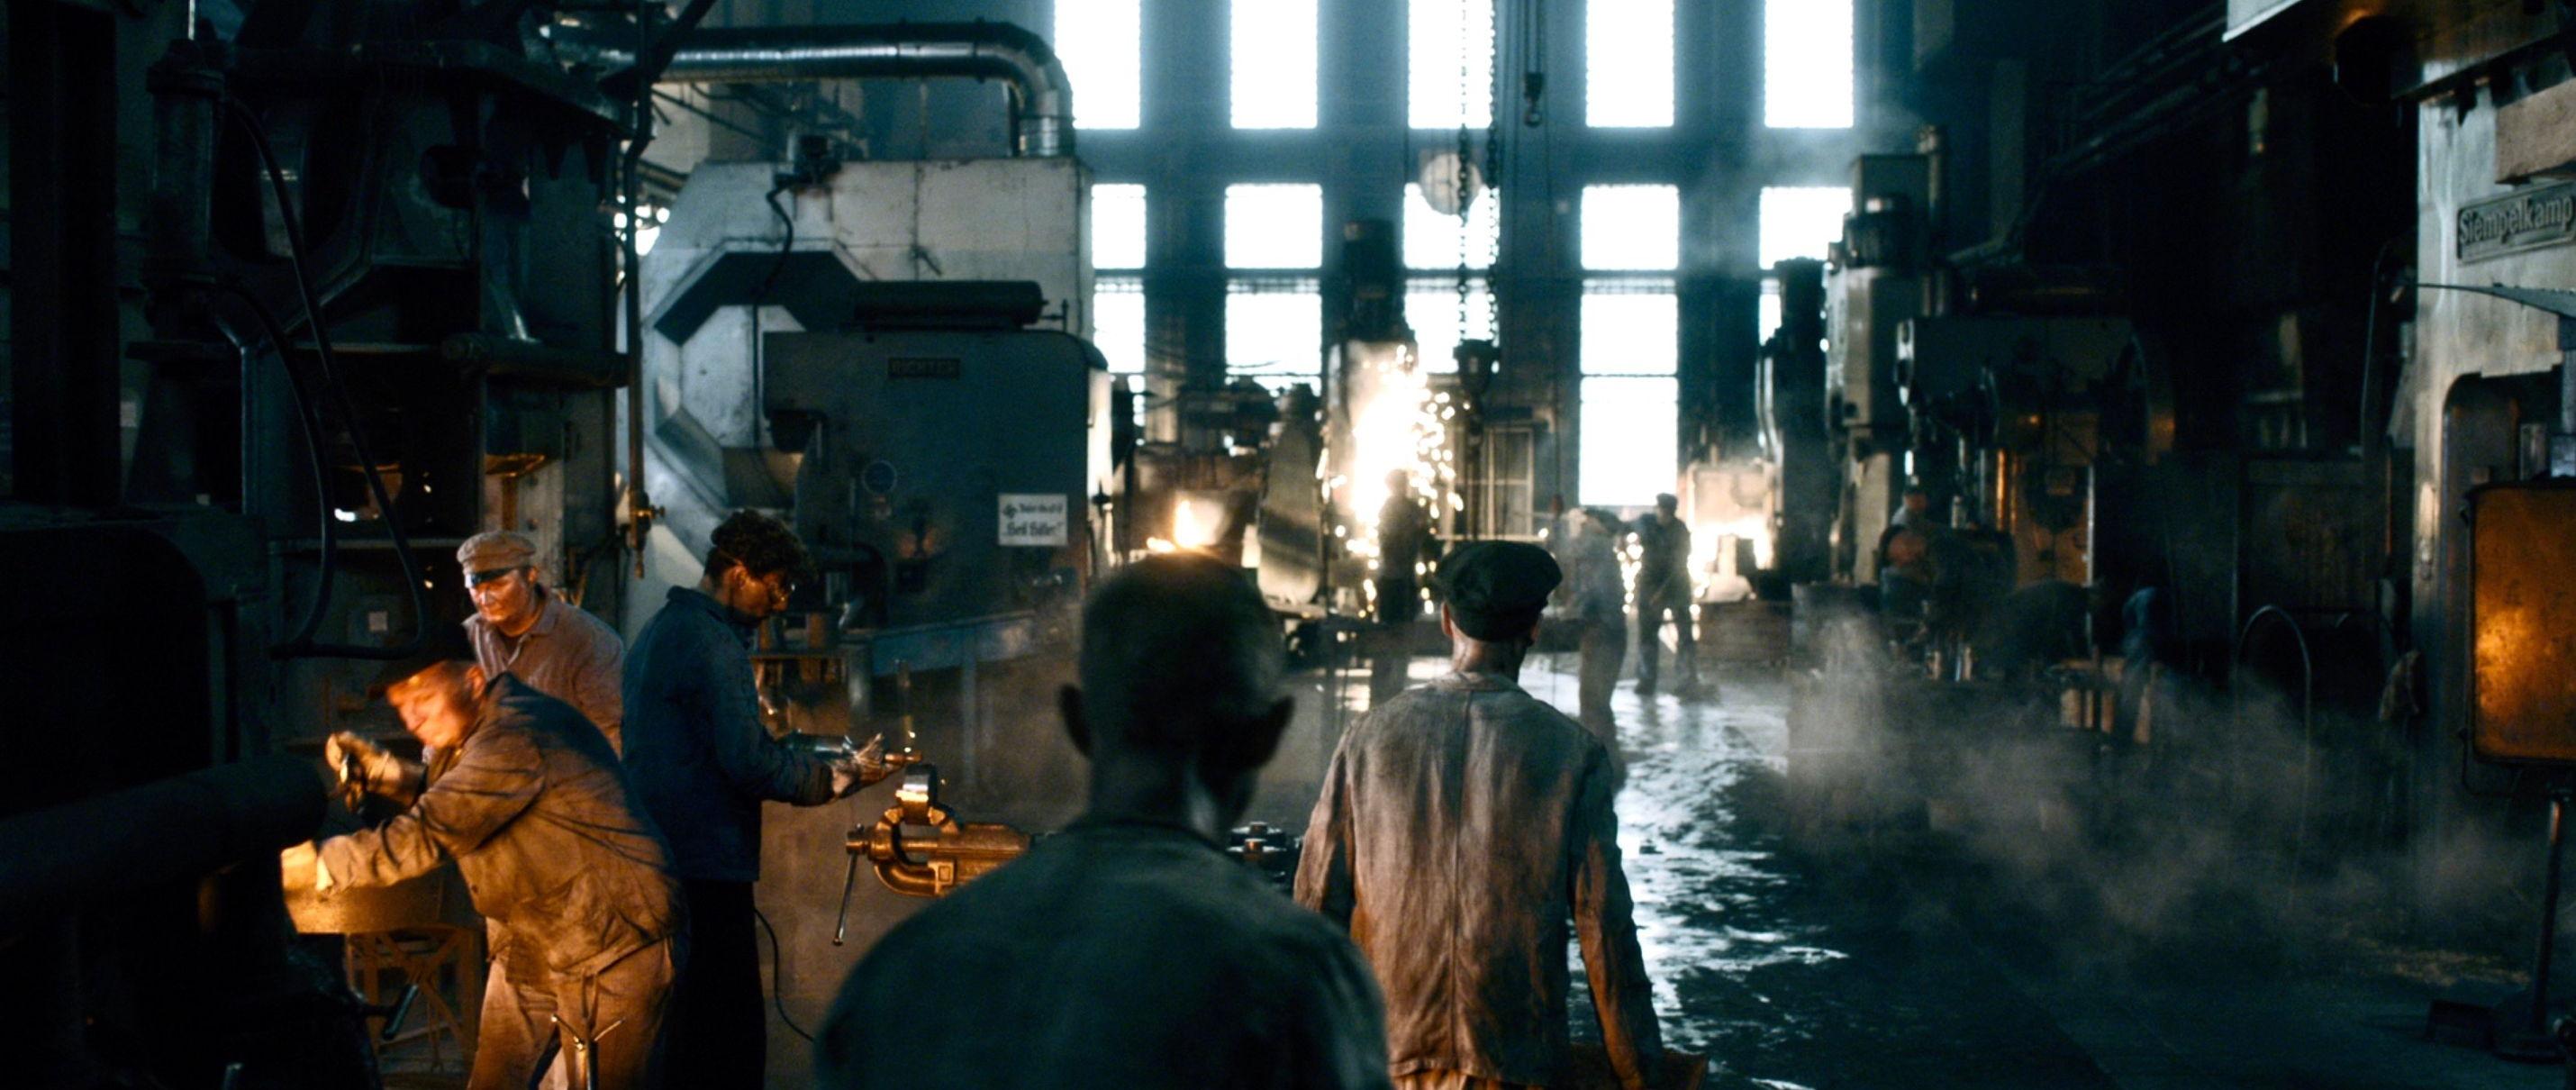 Elser - 13 Minutes - Widerstandskämpfer Georg Elser - Regie Oliver Hirschbiegel - Kamera Judith Kaufmann